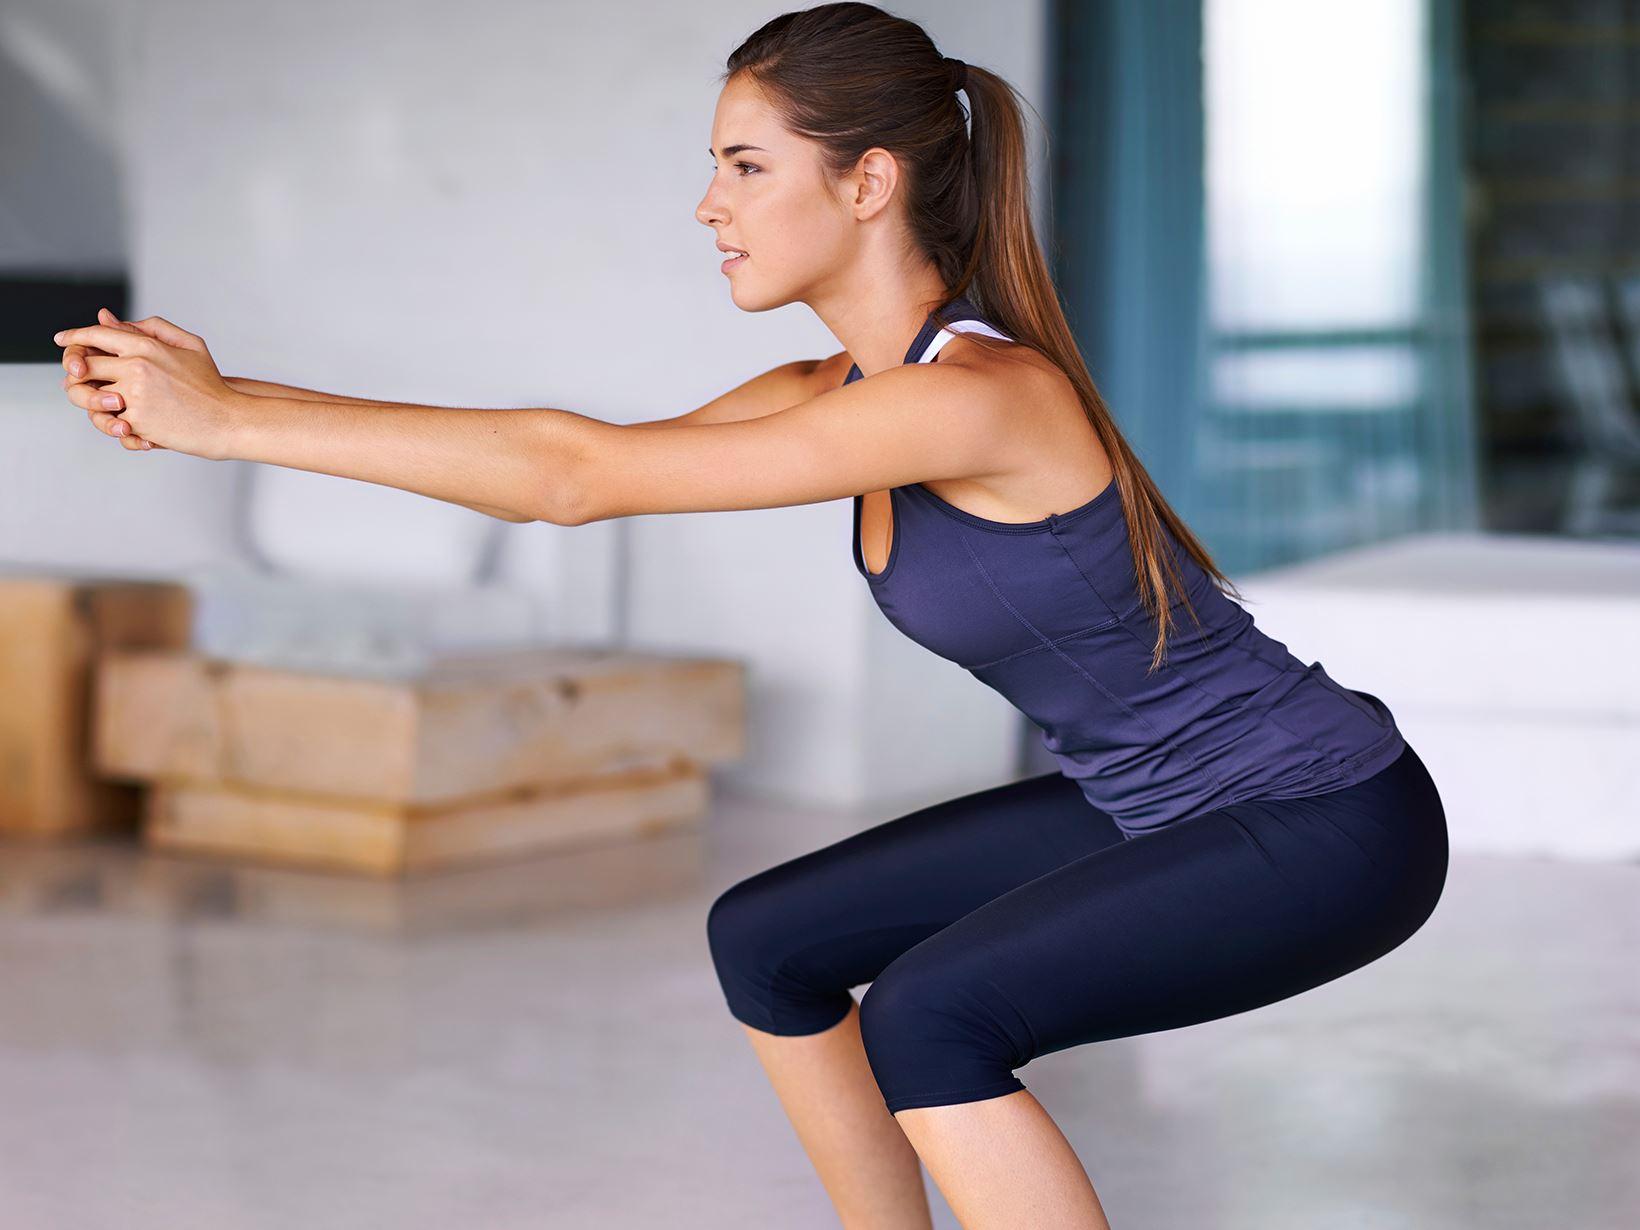 Лучший Тренинг Для Похудение. Какой вид спорта лучше для похудения